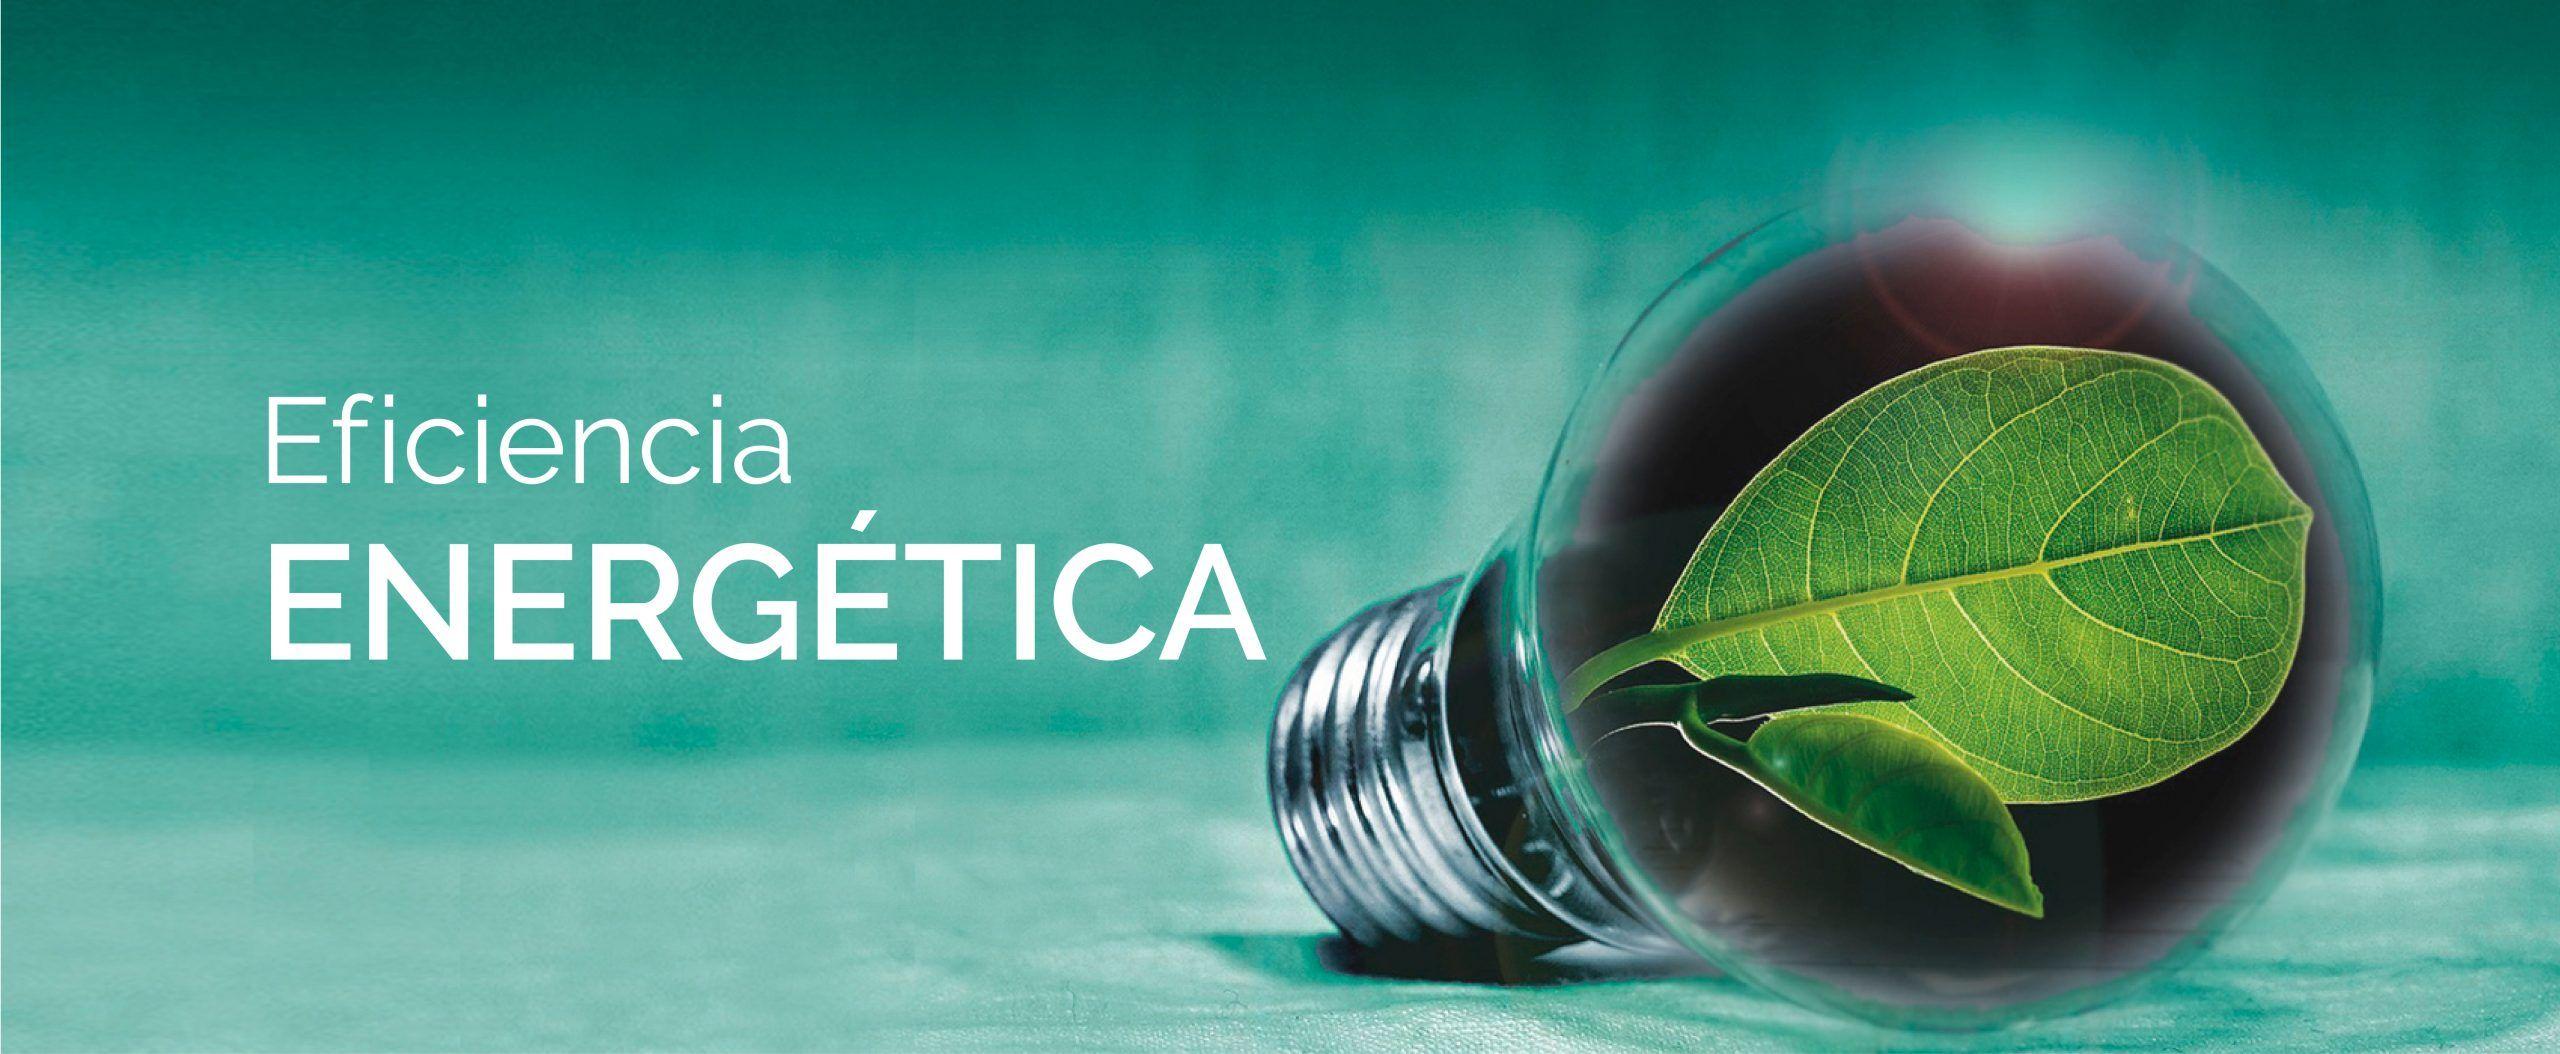 Eficiencia Energética en Asturias